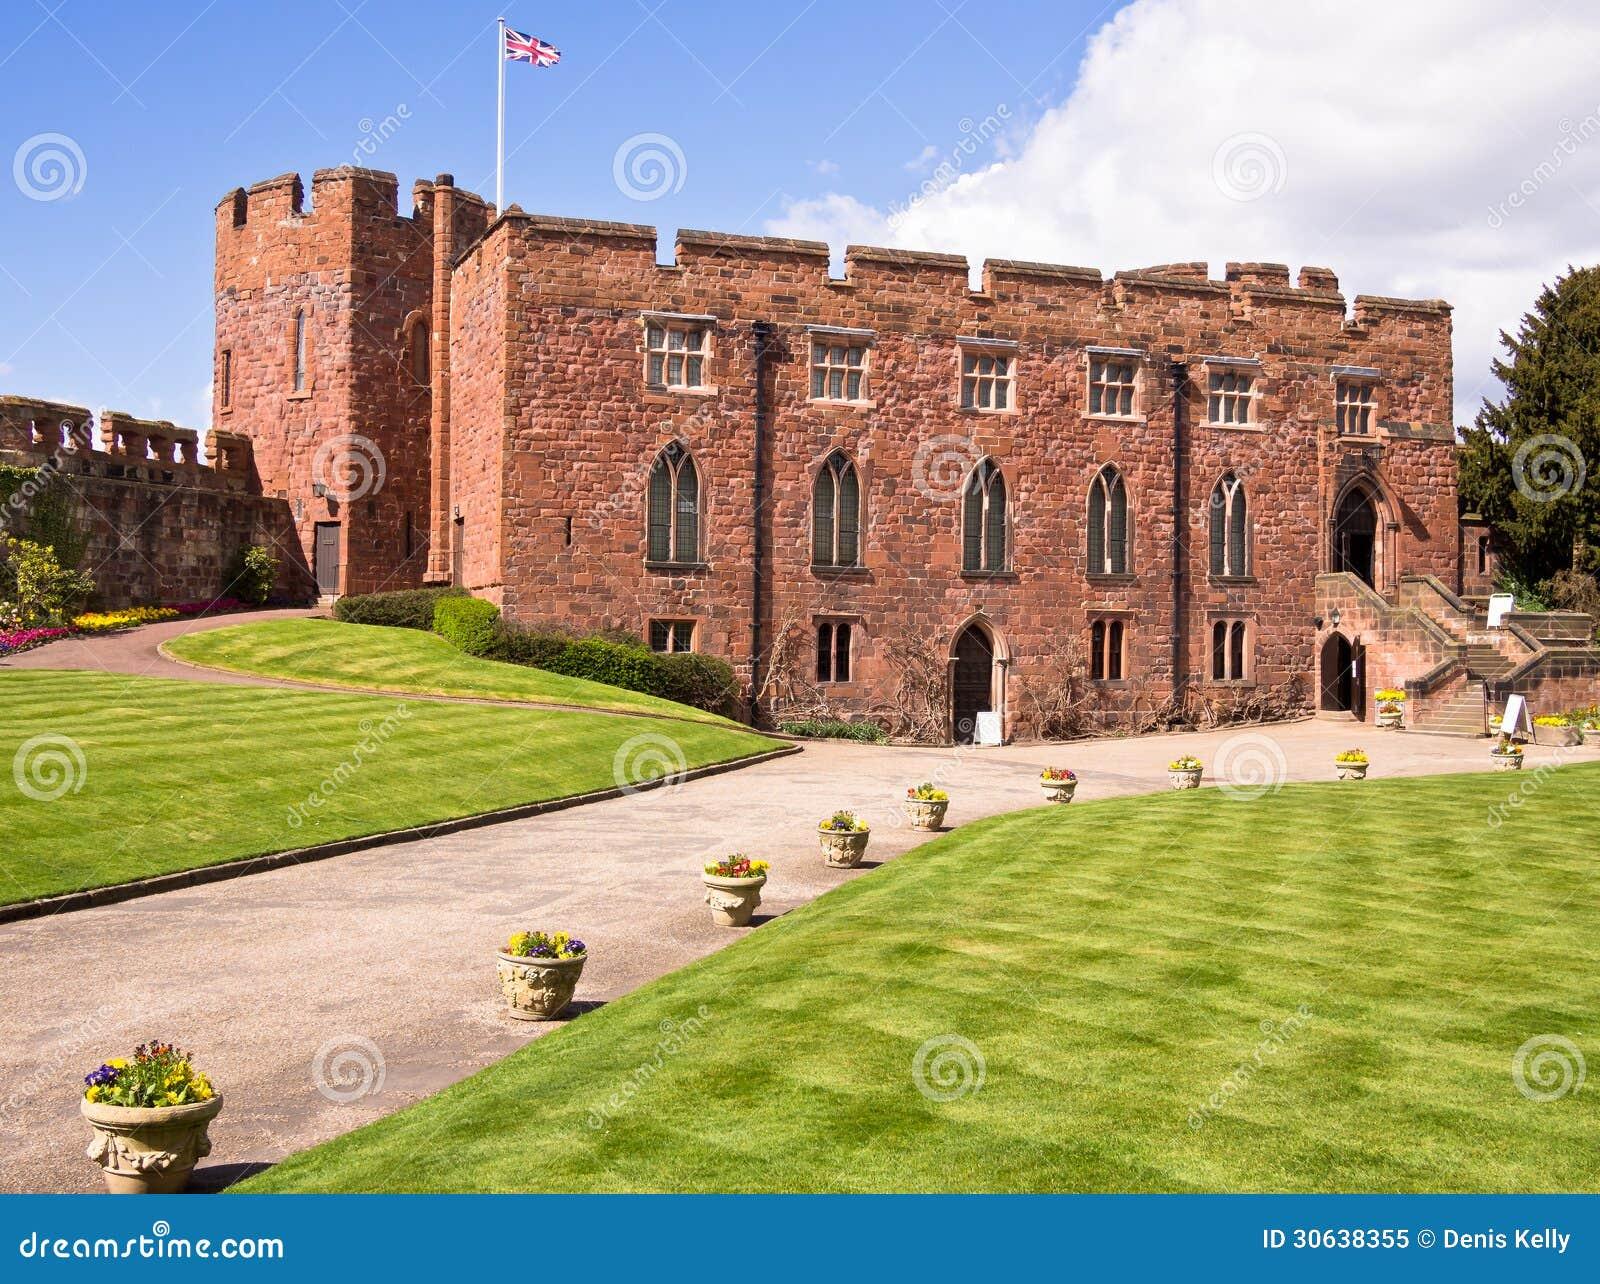 Shrewsbury Castle, Shropshire, England